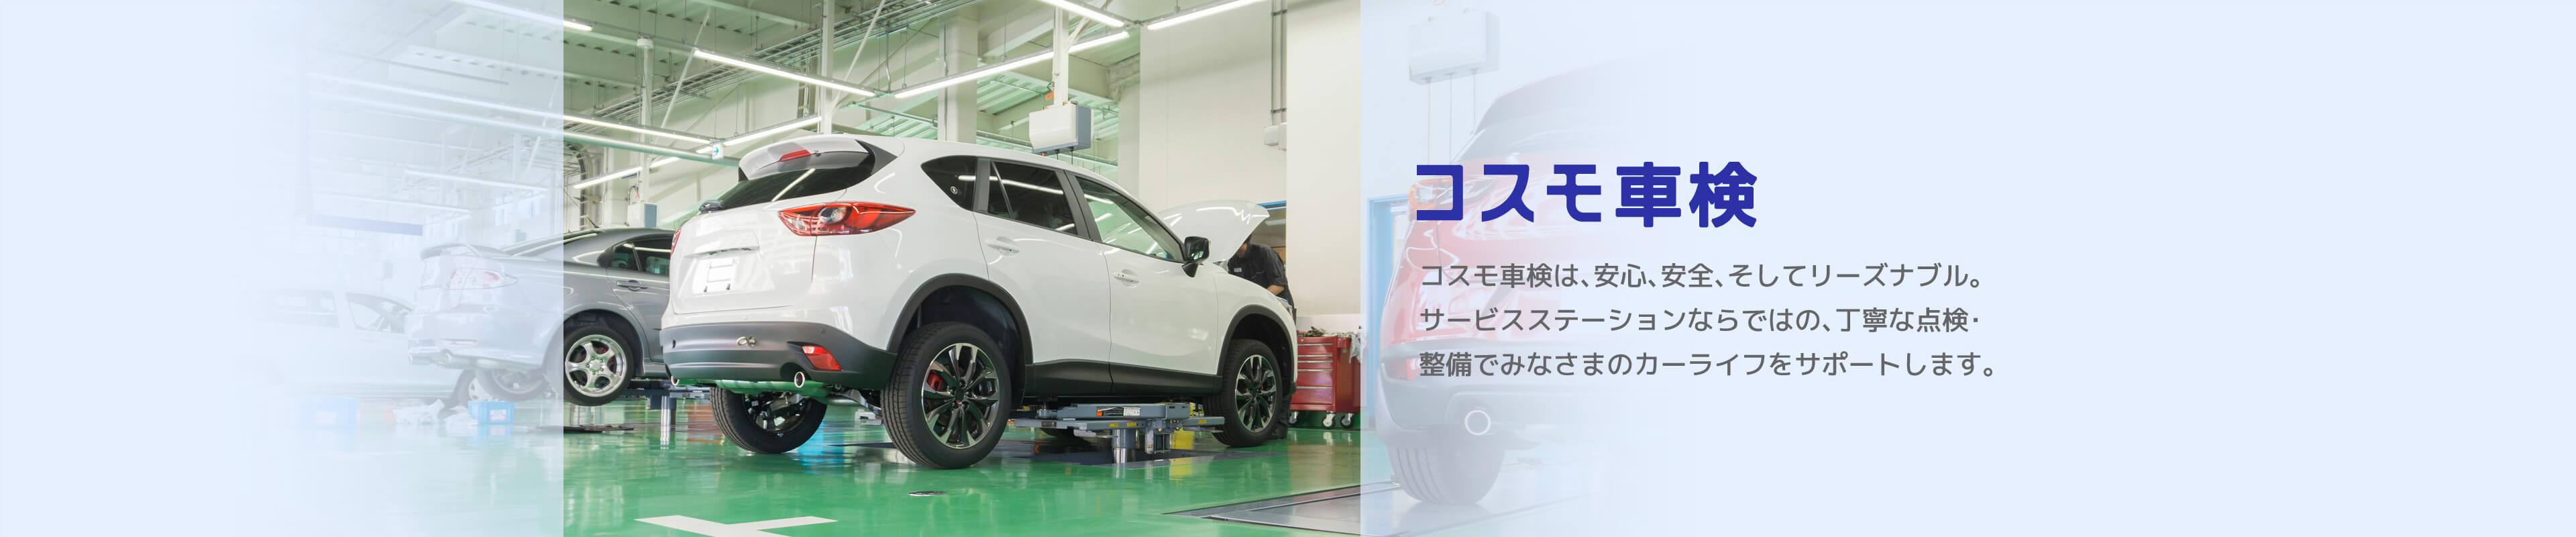 コスモ車検 コスモ車検は、安心、安全、そしてリーズナブル。サービスステーションならではの、丁寧な点検・整備でみなさまのカーライフをサポートします。